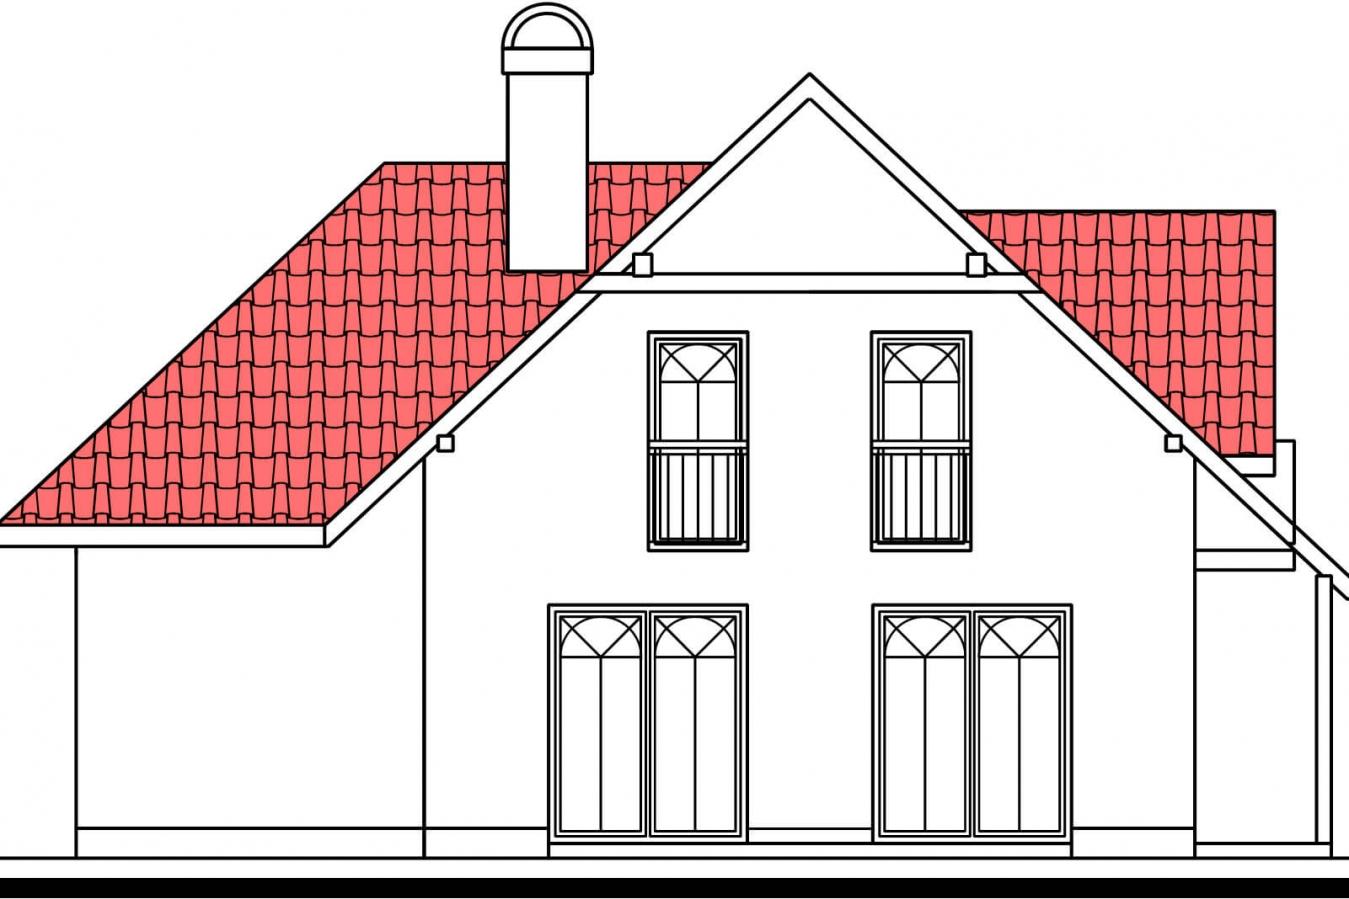 Pohľad 2. - Projekt domu na úzky pozemok so suterénom